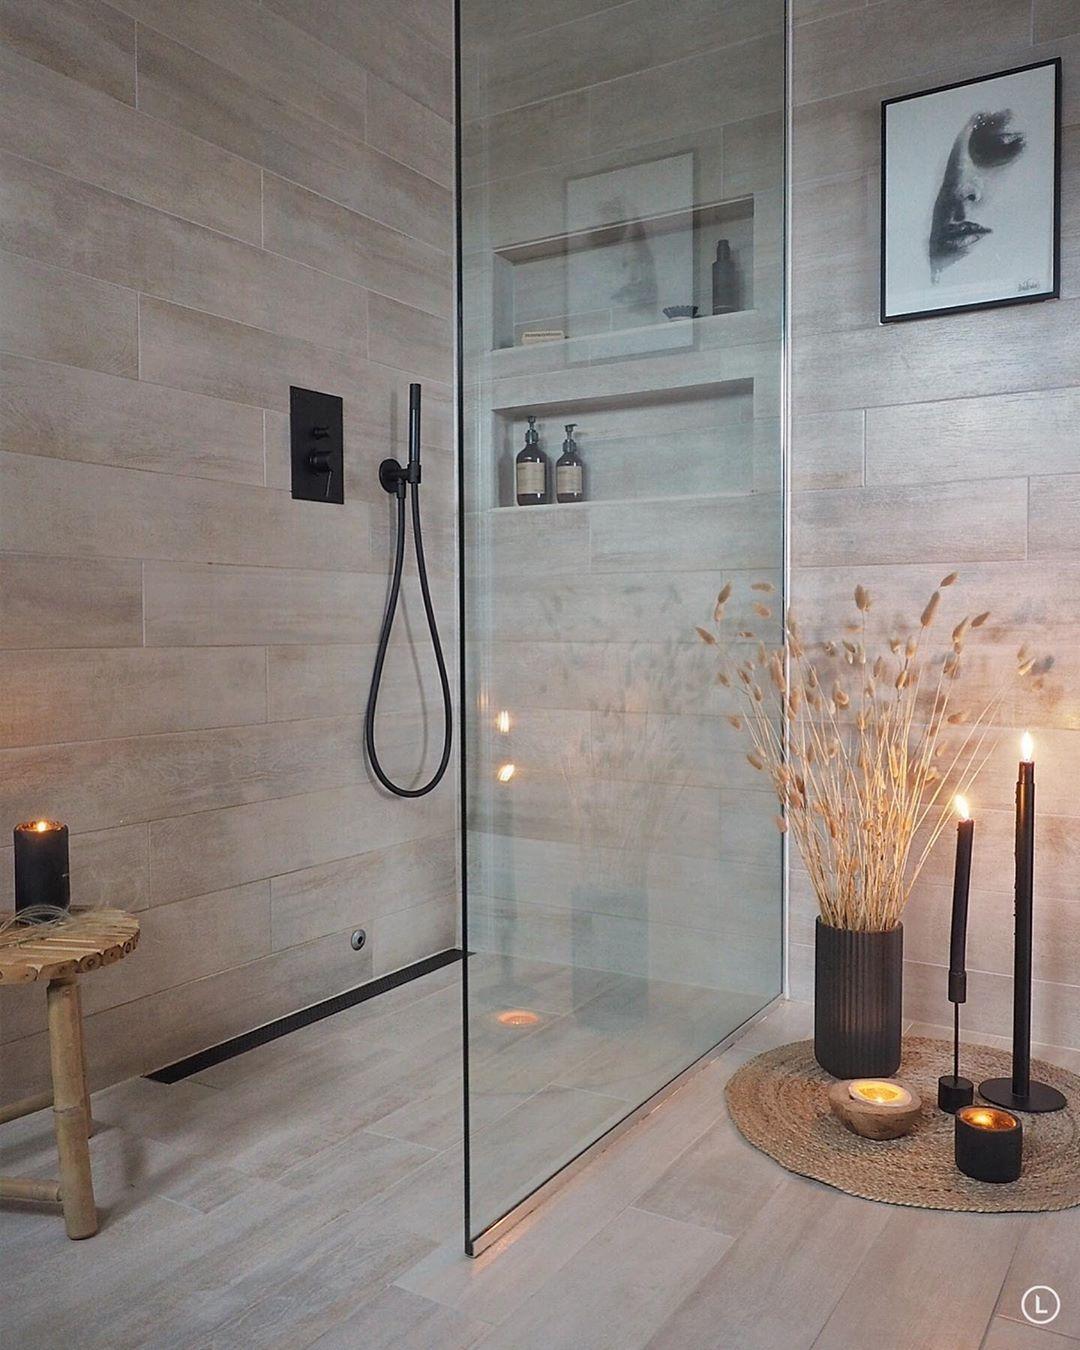 Inger Lise Lillerovde Pa Instagram Simplicity Dette Her Ble En Slovedag Heelt Utenom Det Vanlige Det Gorgeous Bathroom Modern Shower Interior Styling